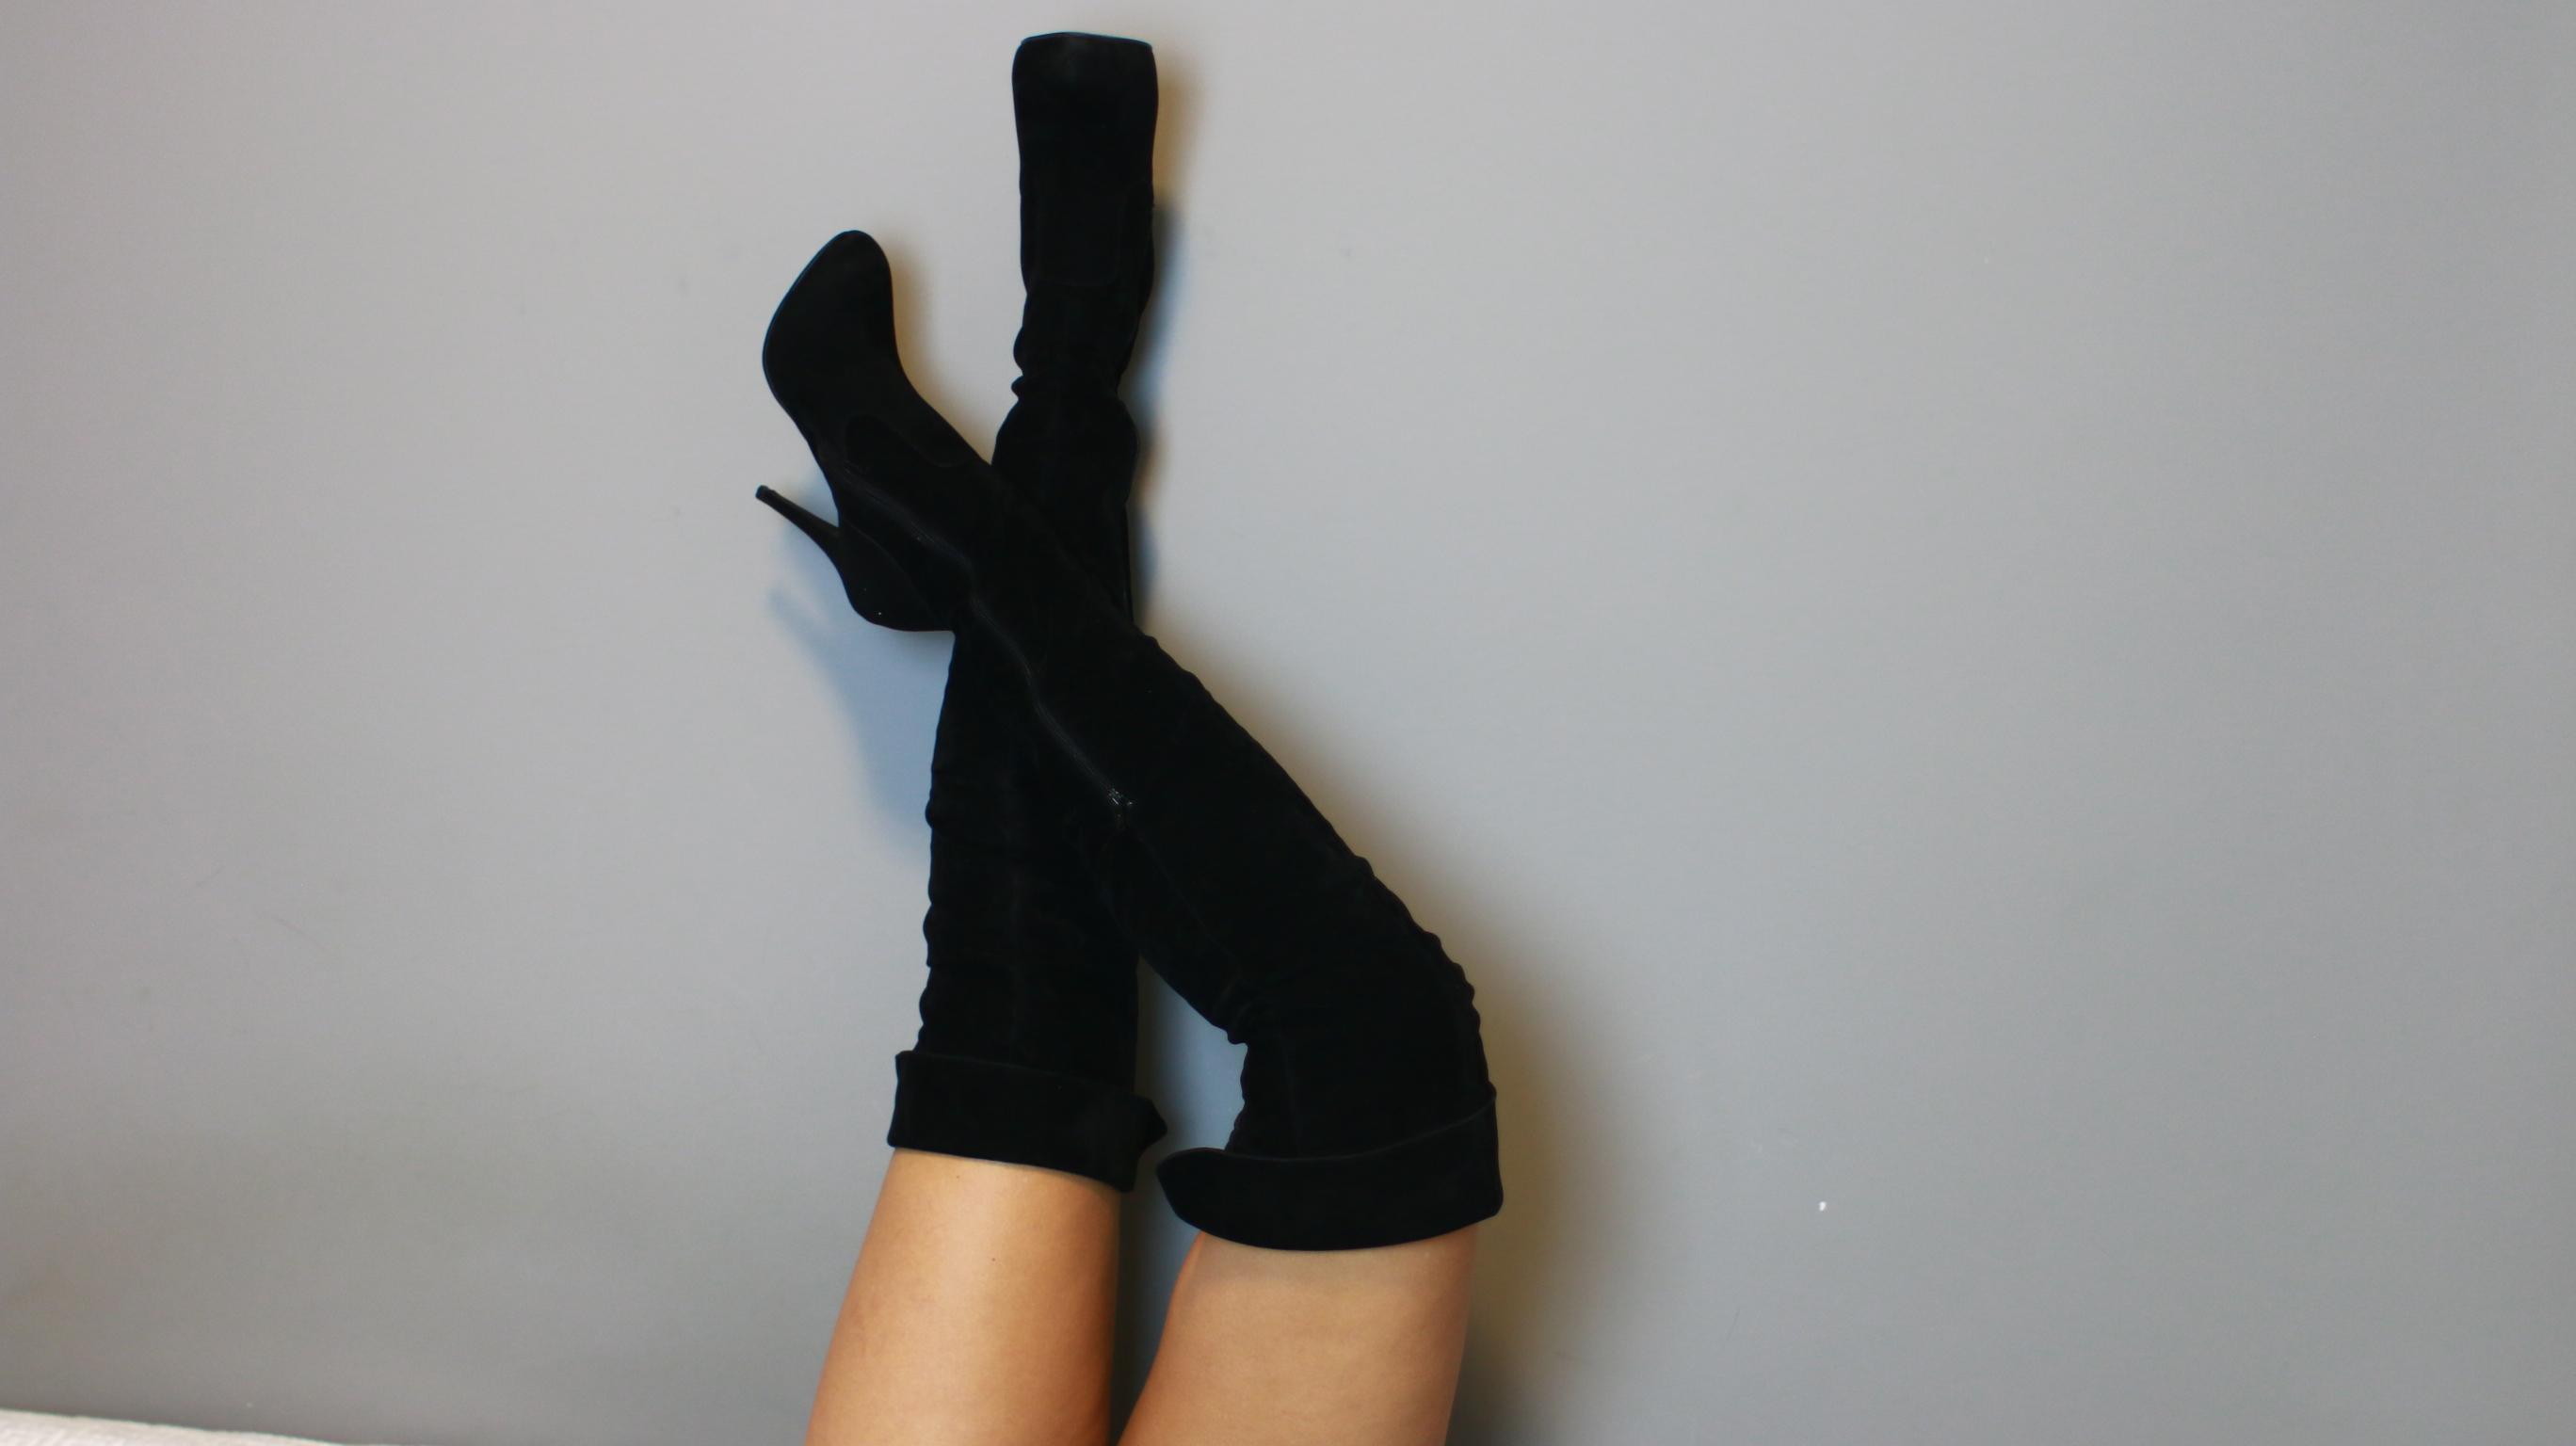 bb5c660c61 4 formas de usar botas OVER THE KNEE durante o inverno